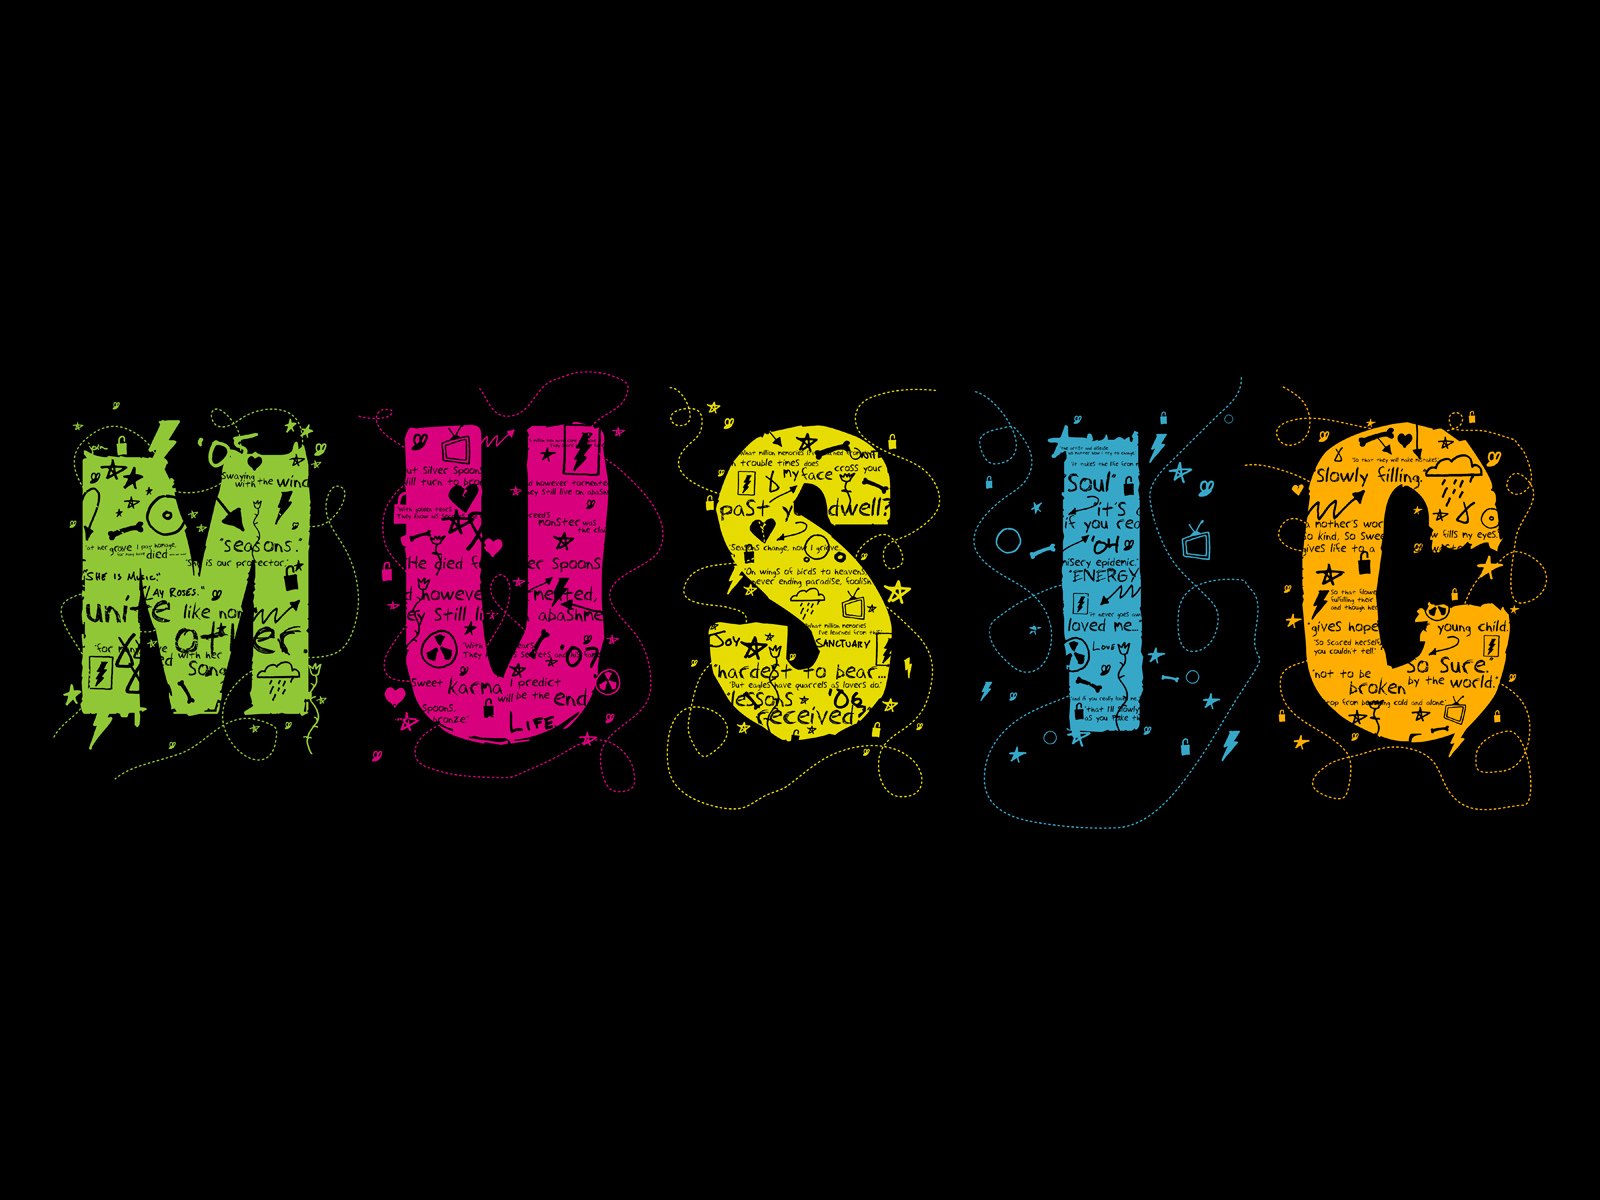 Music_Panels_Compiled_by_smashmethod